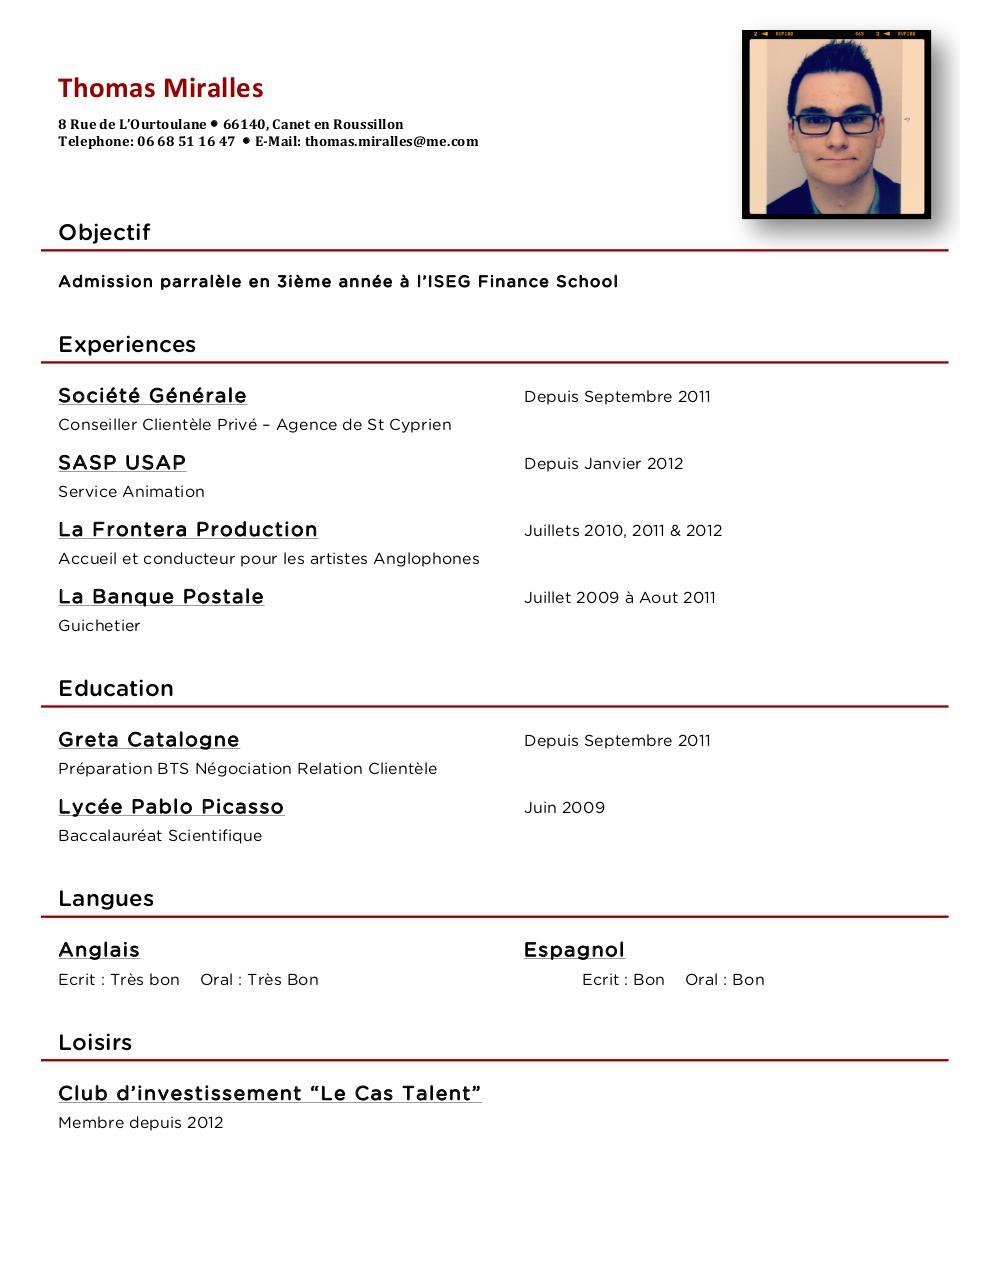 cv pdf guichetier